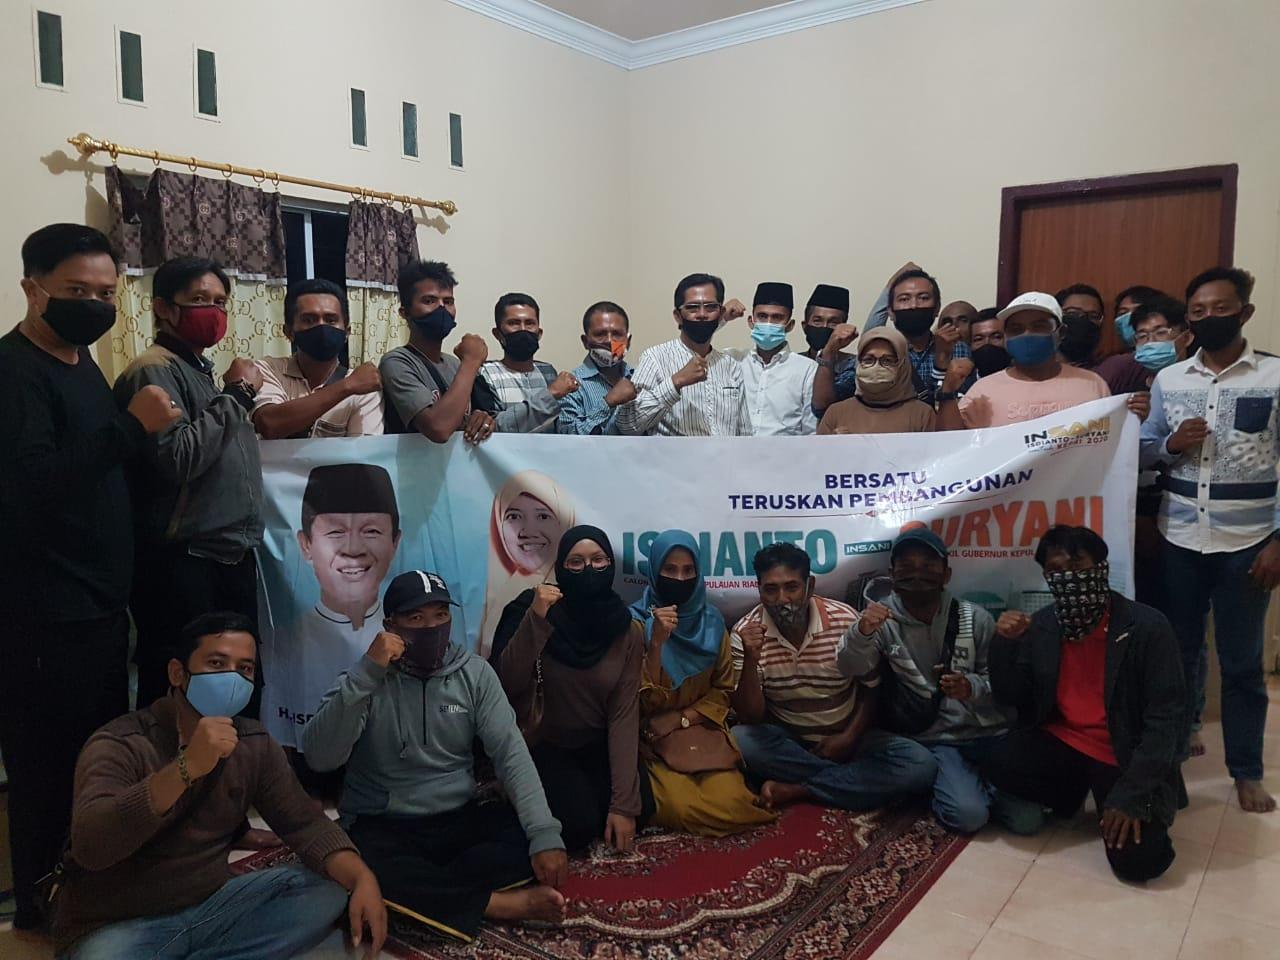 Alhamdulillah Pembentukan Pengurus DPD BPI Isdianto-Suryani Sukses Terlaksana di Tanjung Pinang